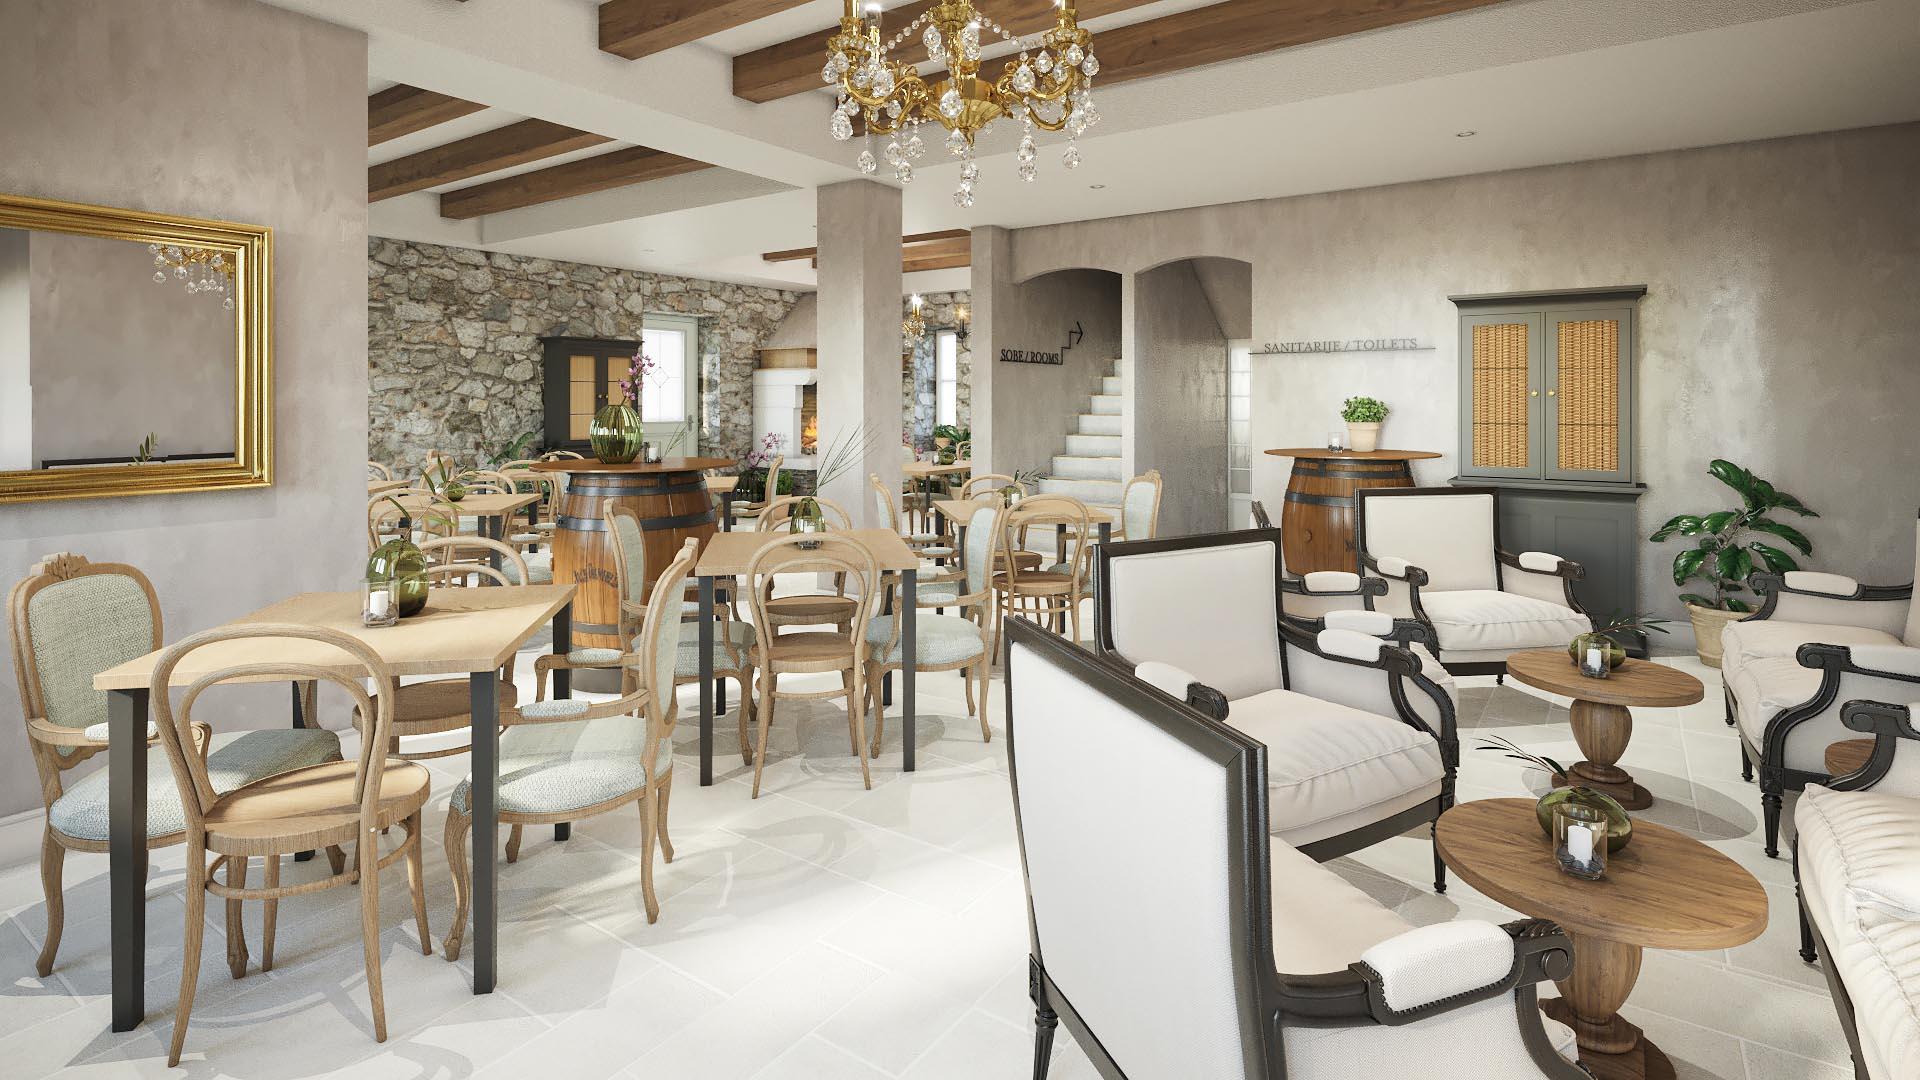 POKE_studio_services_hospitality_hotel_restaurant.jpg